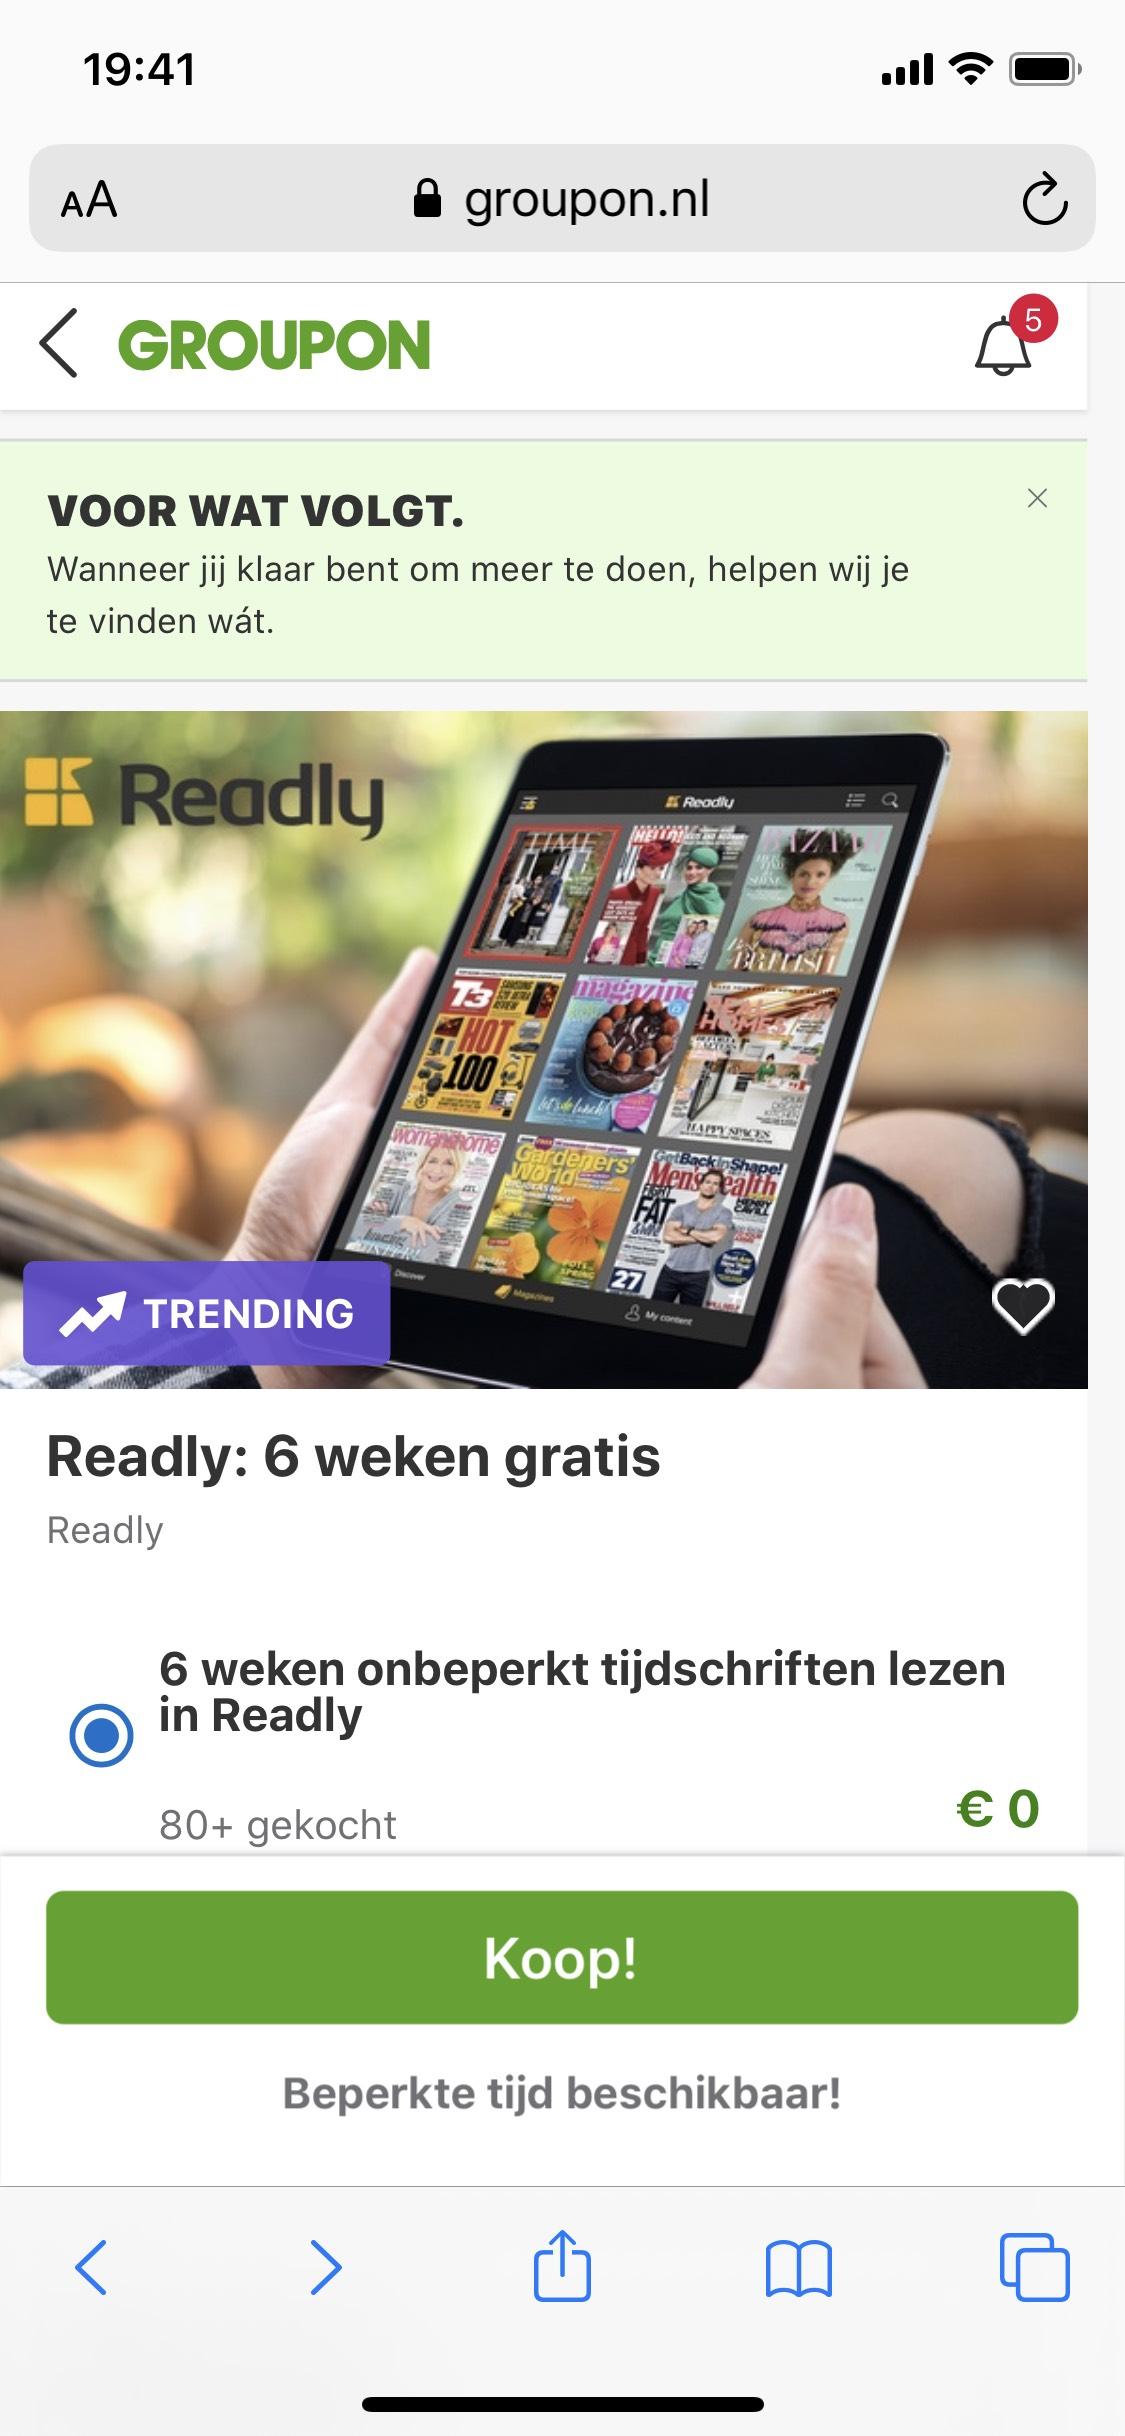 6 weken onbeperkt tijdschriften lezen in Readly